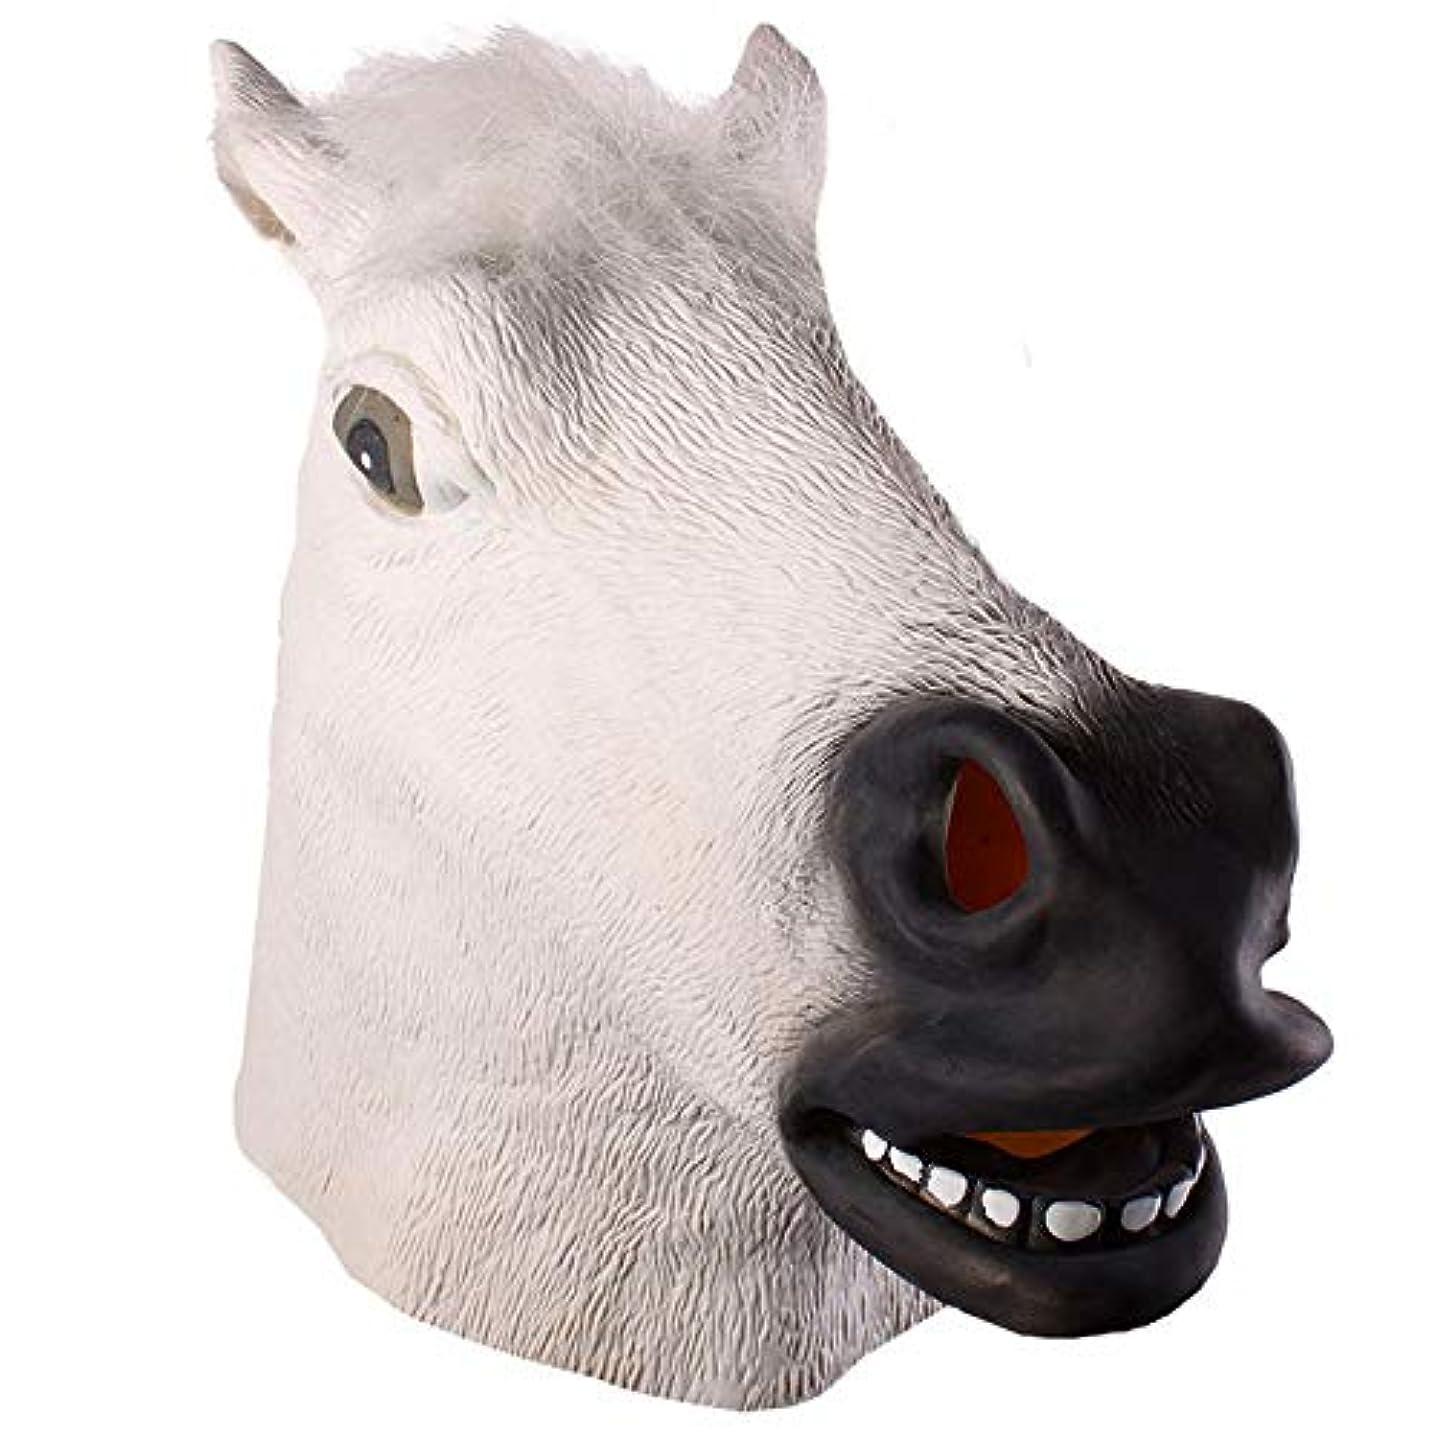 ハウジング展開するドナー馬の頭部マスクは面白い面白いハロウィーン馬の頭部マスクかつらを装います,白